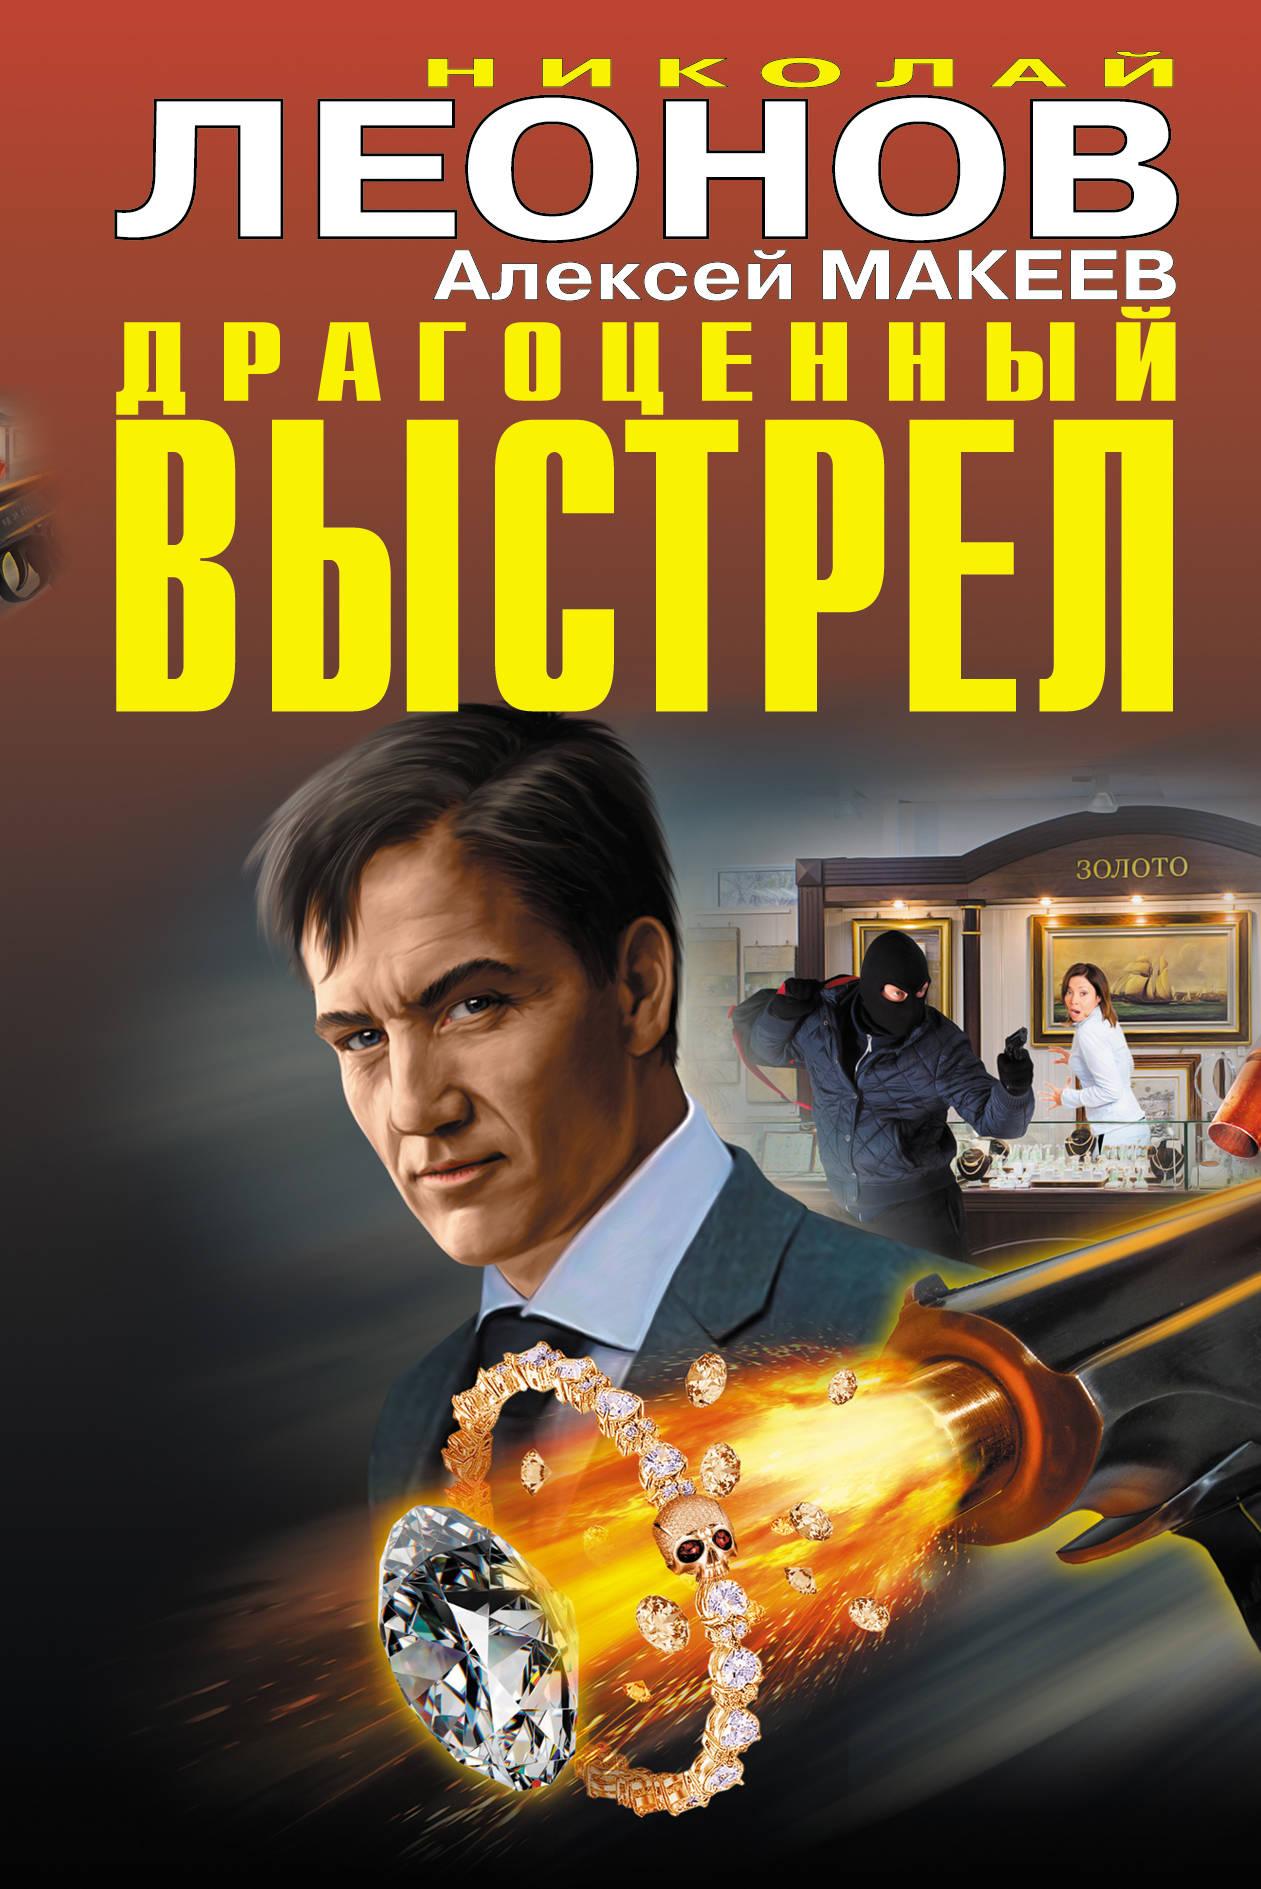 Леонов Николай Иванович; Макеев Алексей Викторович Драгоценный выстрел